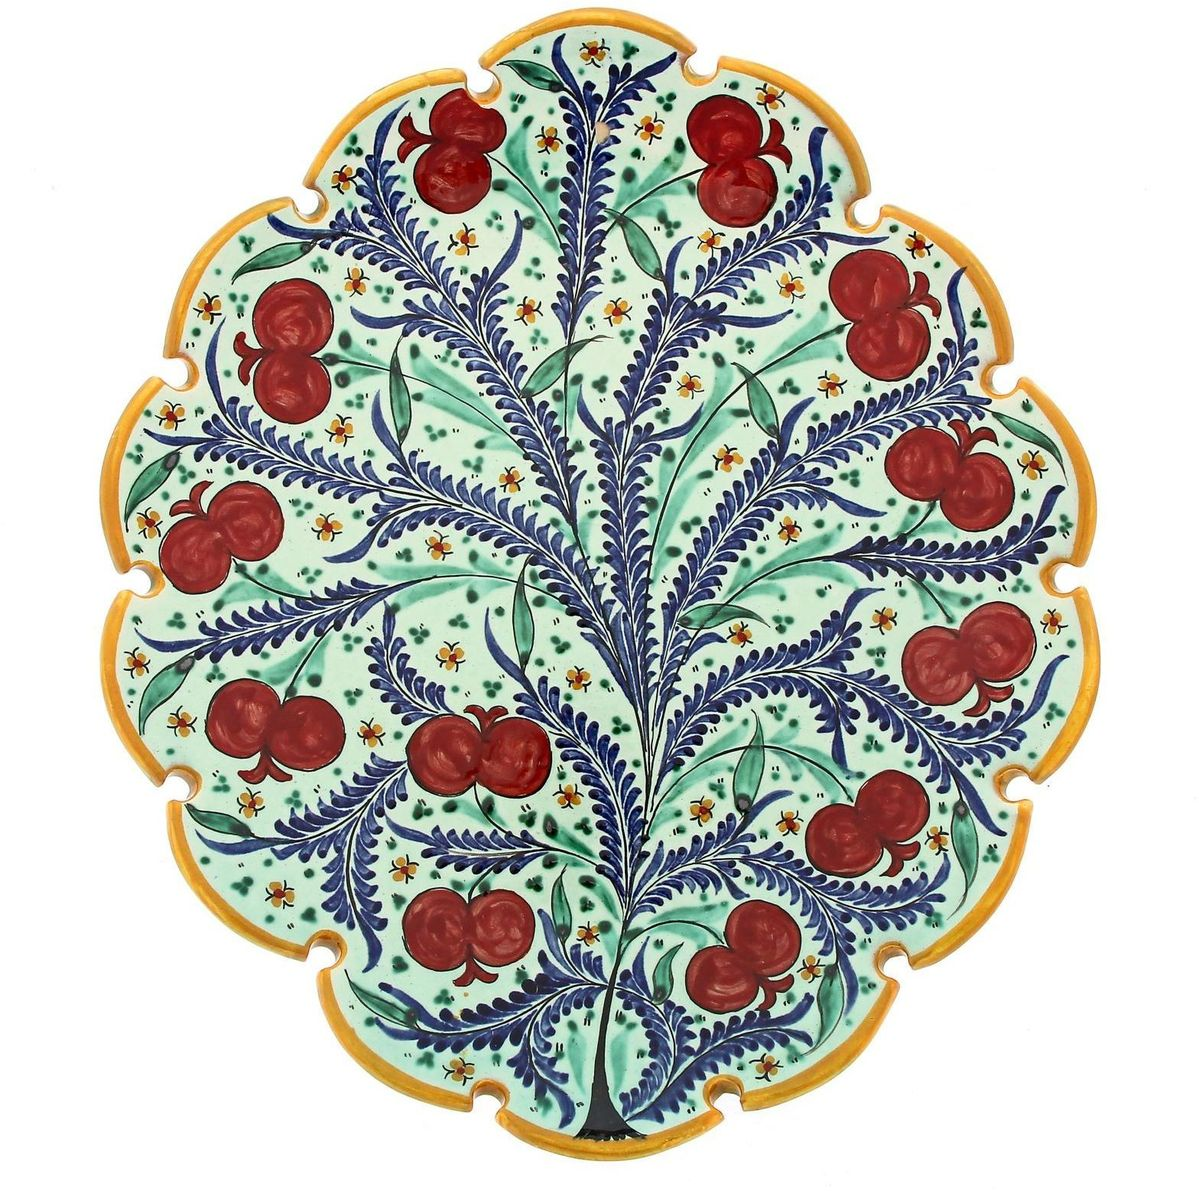 Ляган Риштанская керамика Ягоды, диаметр 31 см1924243Ляган — это не просто обеденный атрибут, это украшение стола. Посуда с национальной росписью станет отменным подарком для ценителей высокородной посуды.Риштан — город на востоке Узбекистана, один из древнейших в Ферганской долине. С давних времён Риштан славится своим гончарным искусством изготовления цветной керамики. Красноватую глину для изделия добывают в самом городе. Мастера утверждают, что их глина настолько высокого качества, что даже не нуждается в предварительной обработке. Дополните коллекцию кухонных аксессуаров пряными восточными нотами.